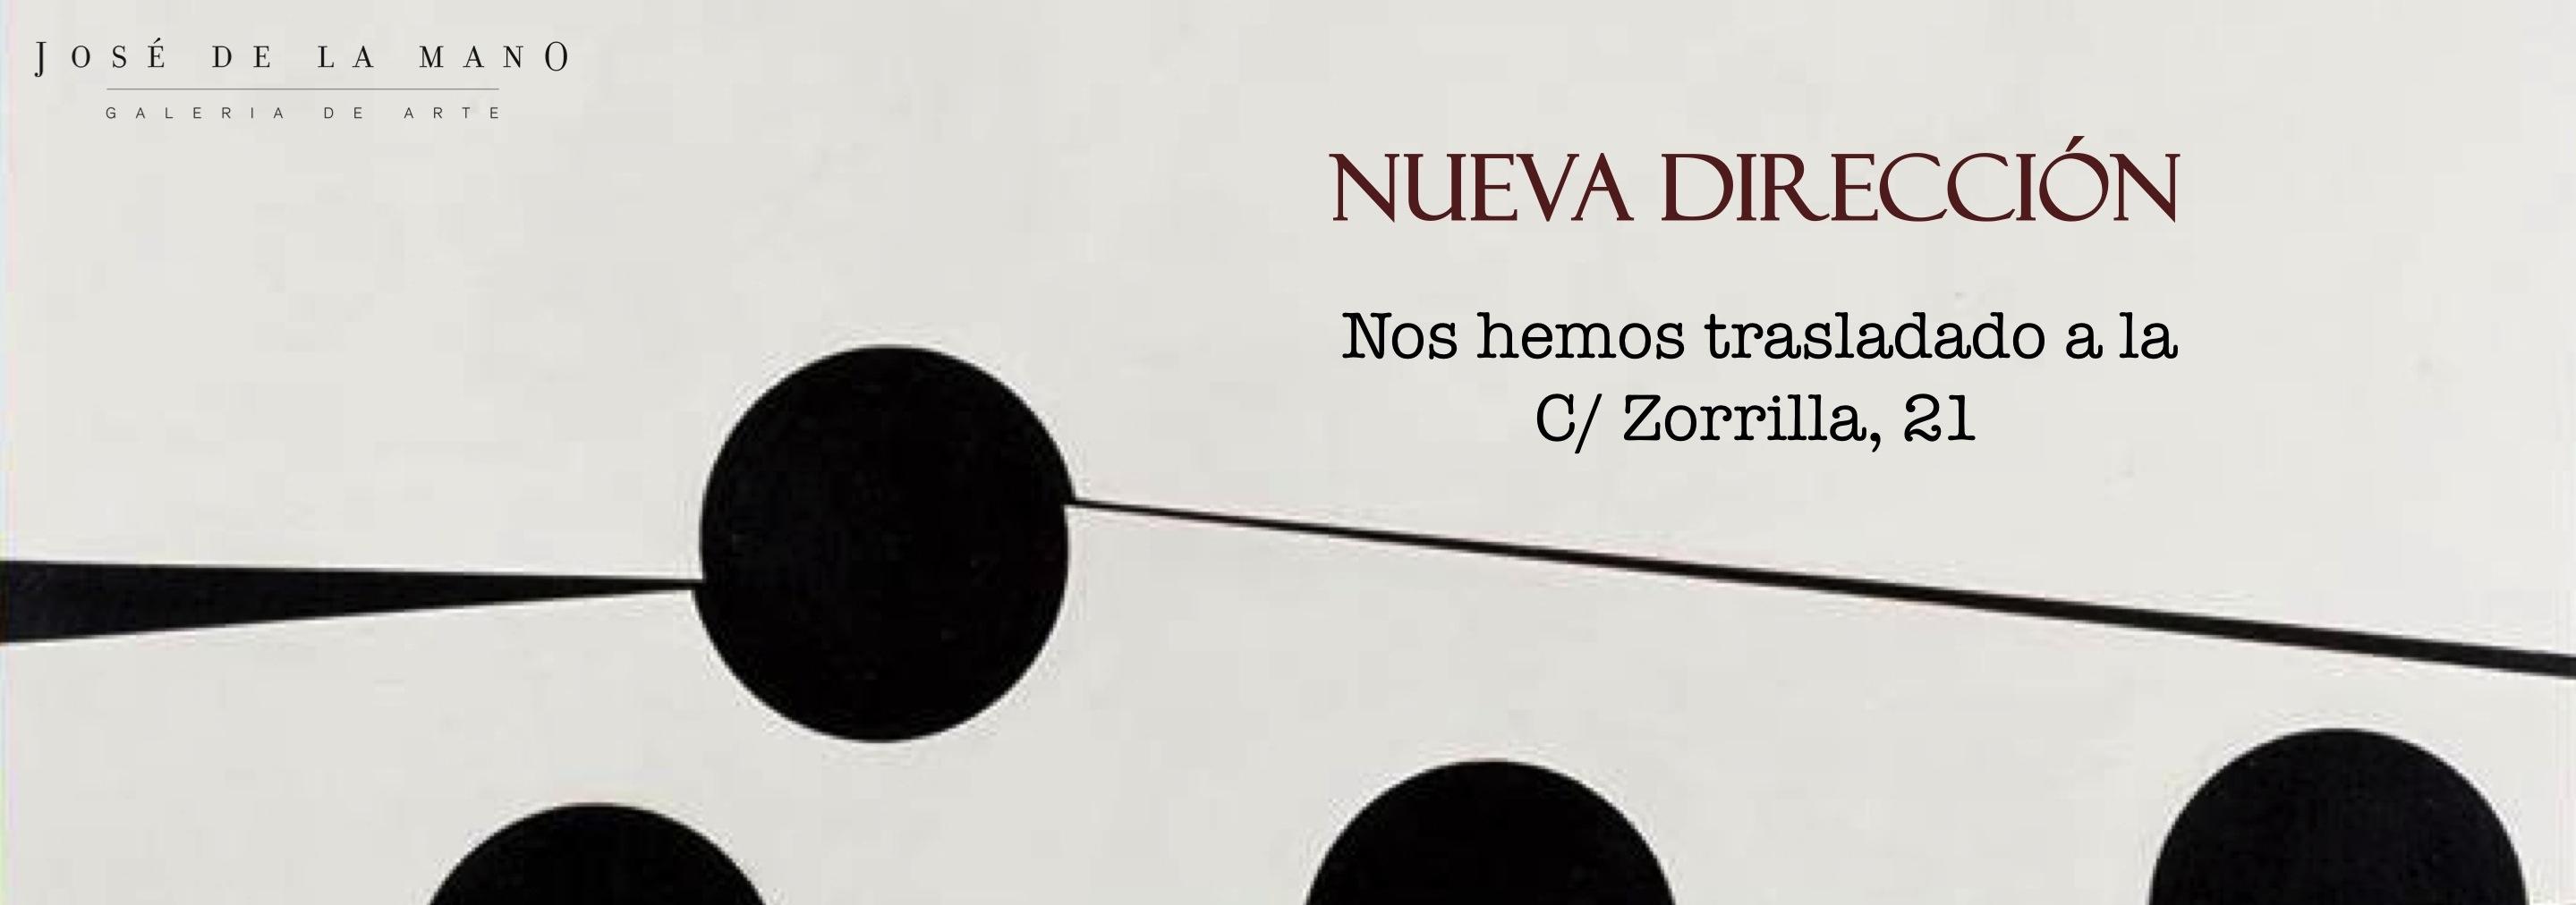 Nueva dirección de la Galeria José de la Mano. C/ Zorrilla, 21.